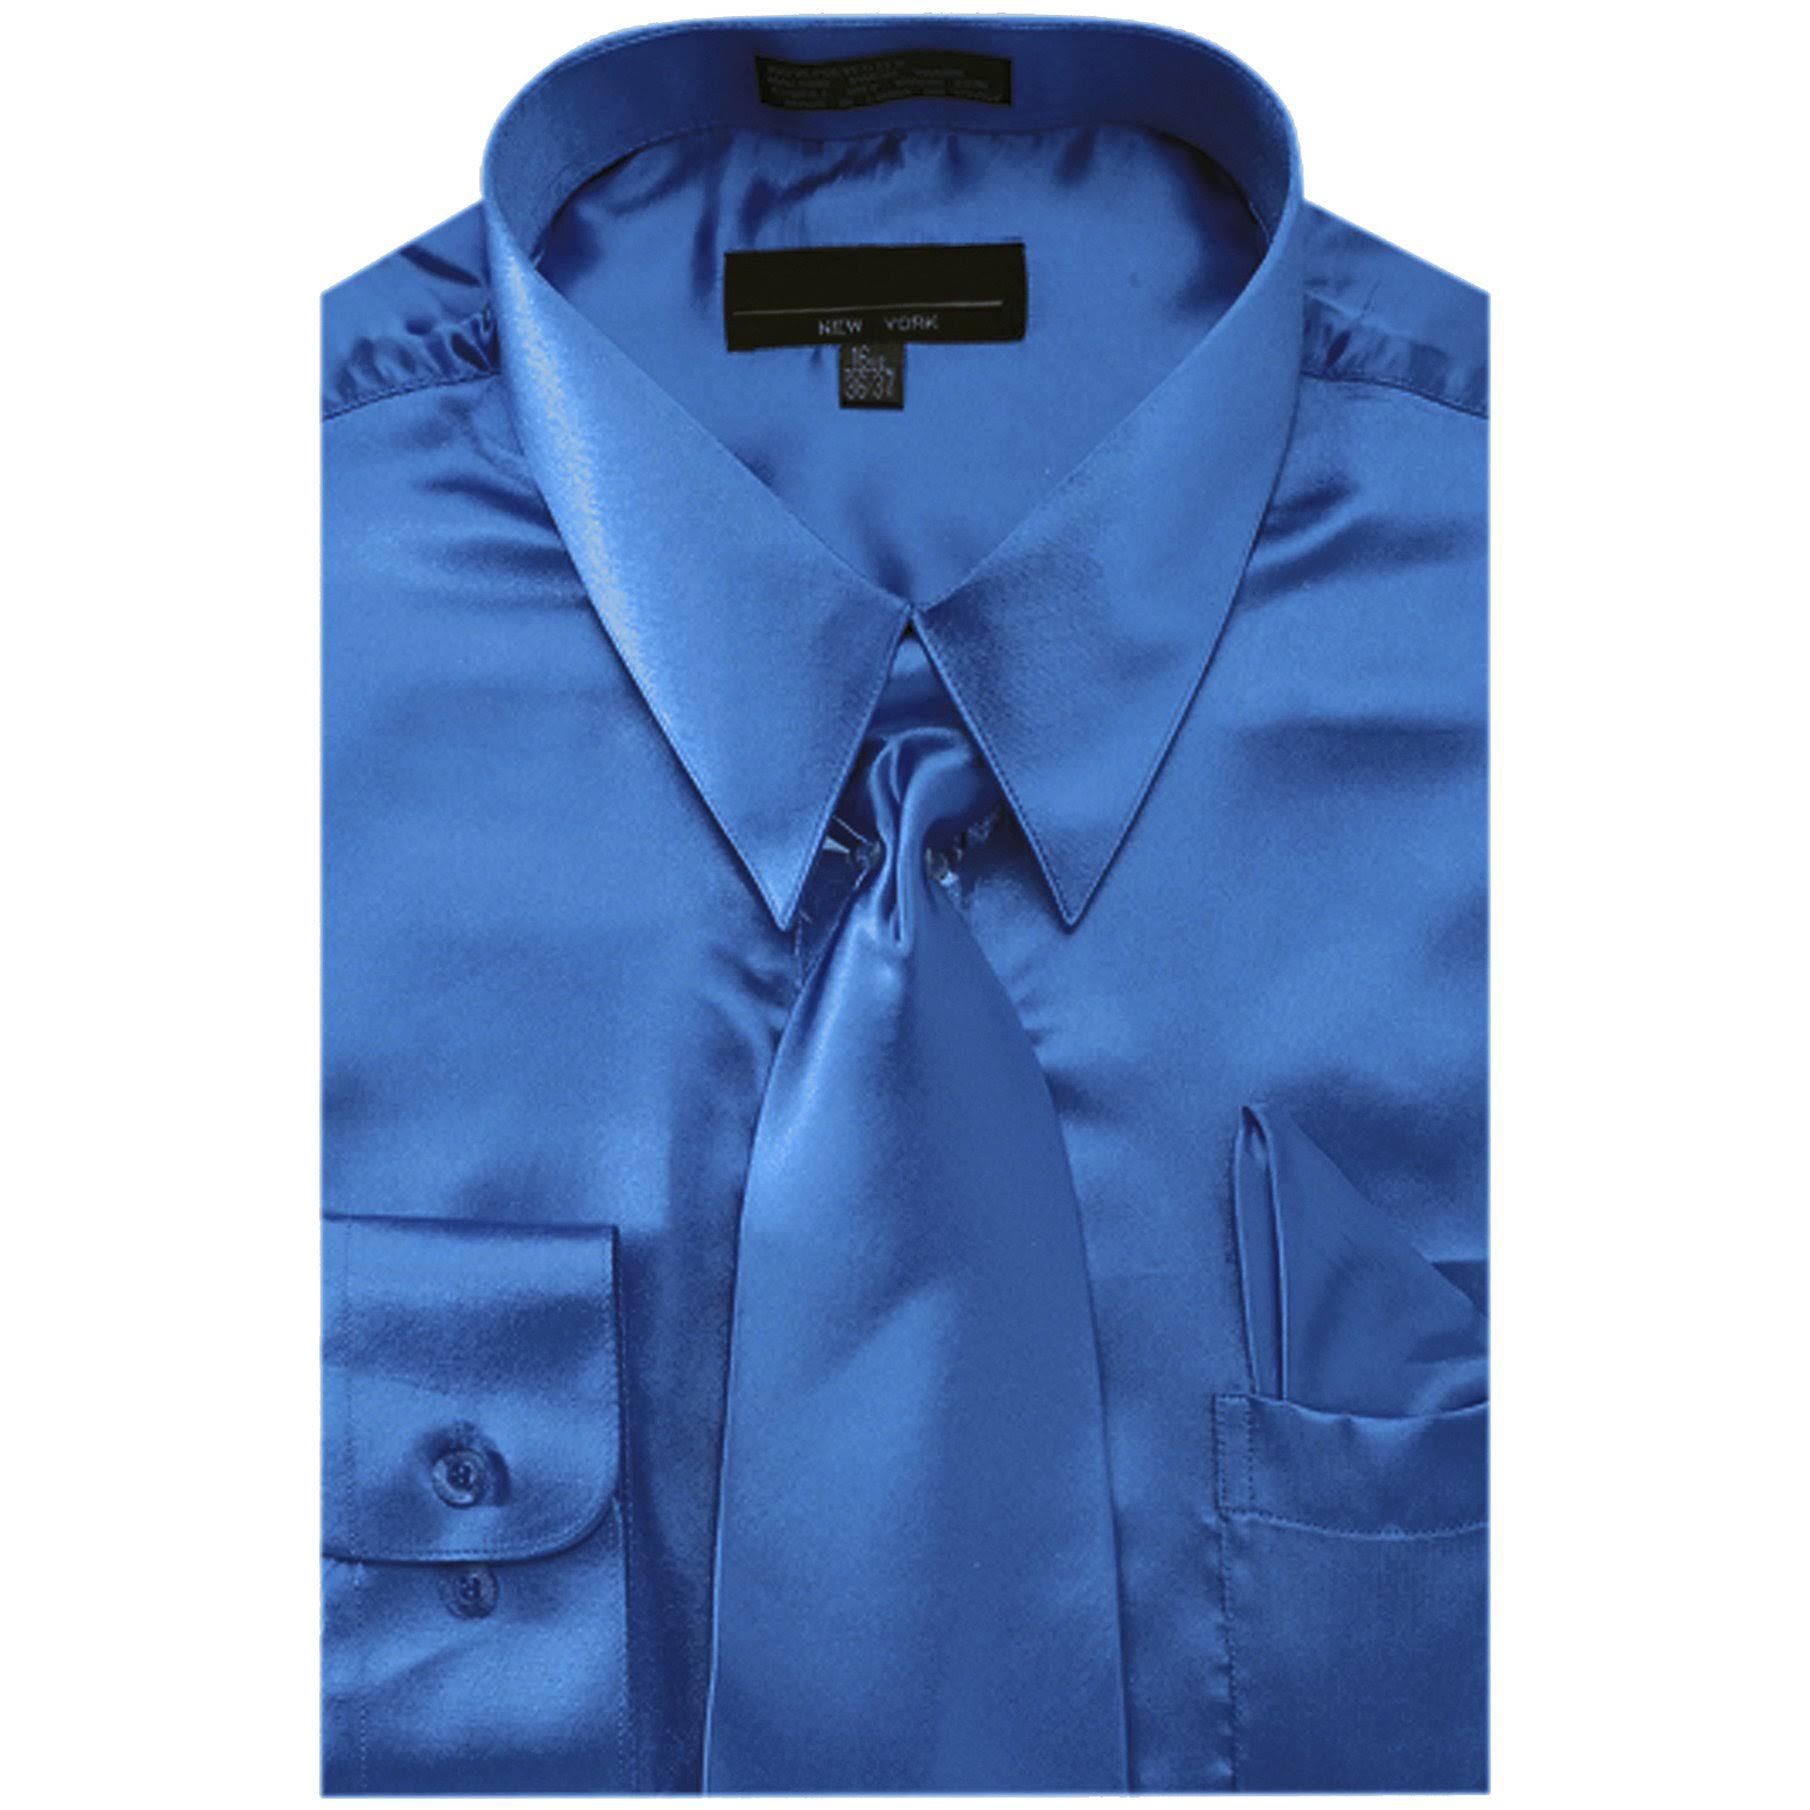 Vestir Camisa Hombres 155 Y 3435 Liso ds3012np2 roy Satén De Ntp Pañuelo Corbata Color Sunrise Royal Para Outlet En qtf5x4Sz